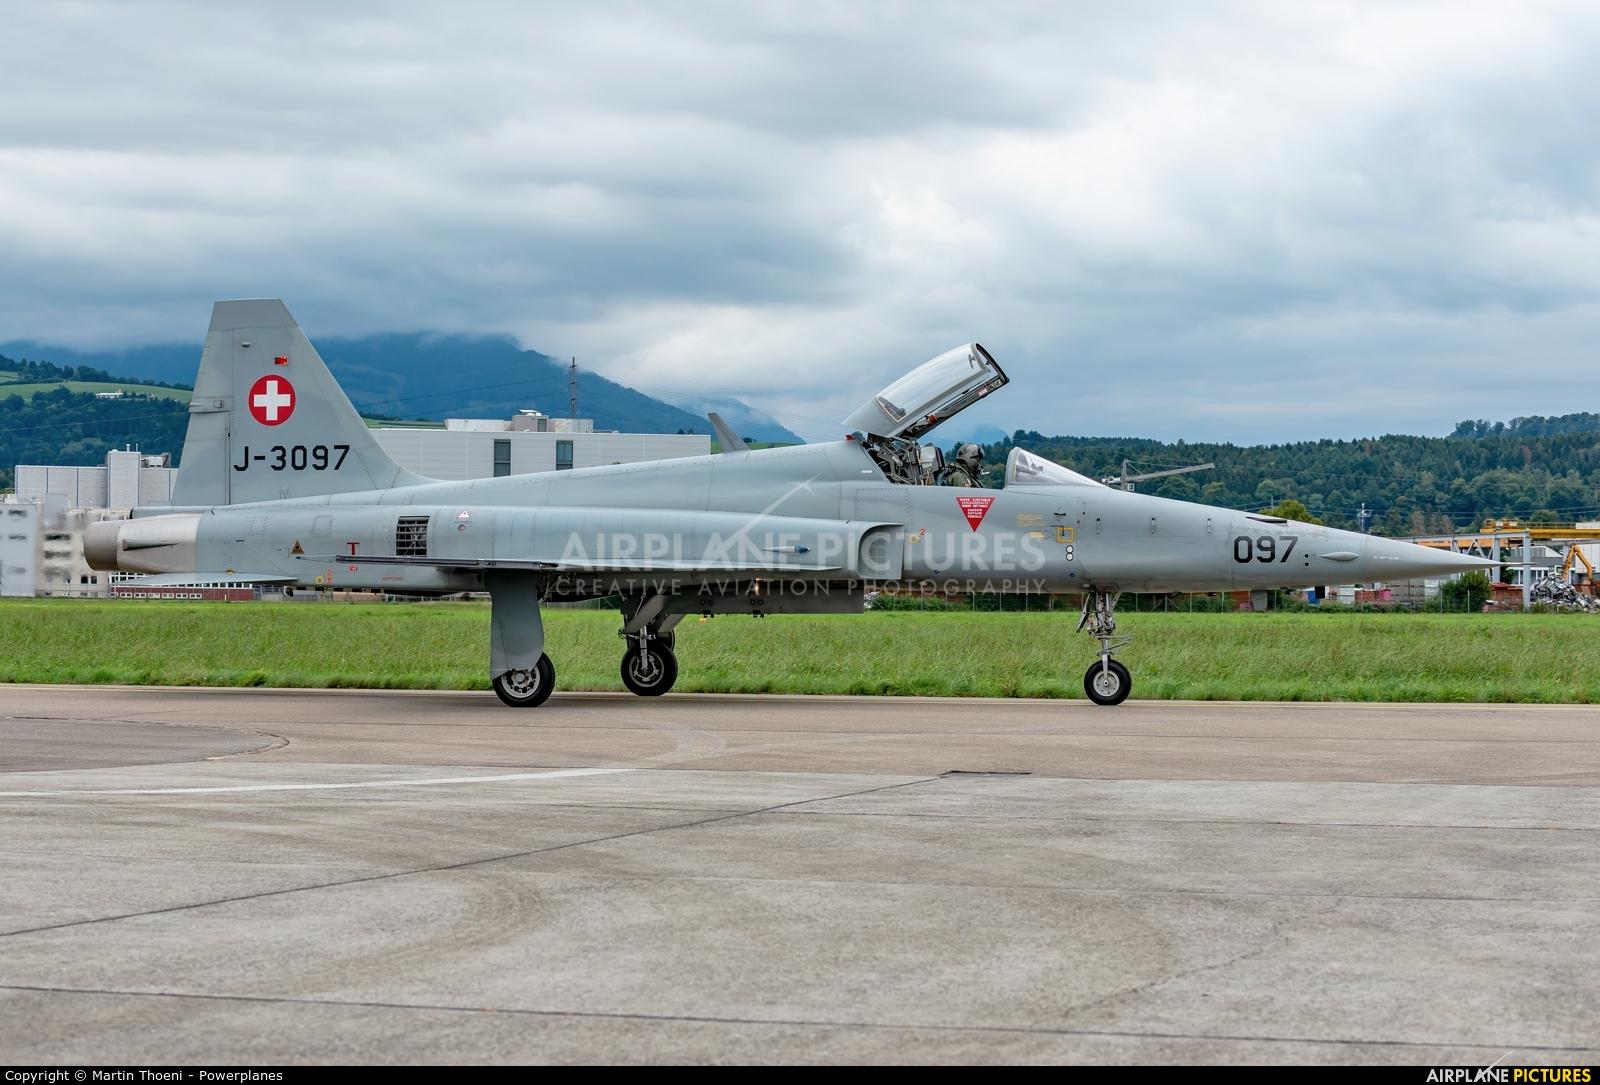 Switzerland - Air Force J-3097 aircraft at Emmen